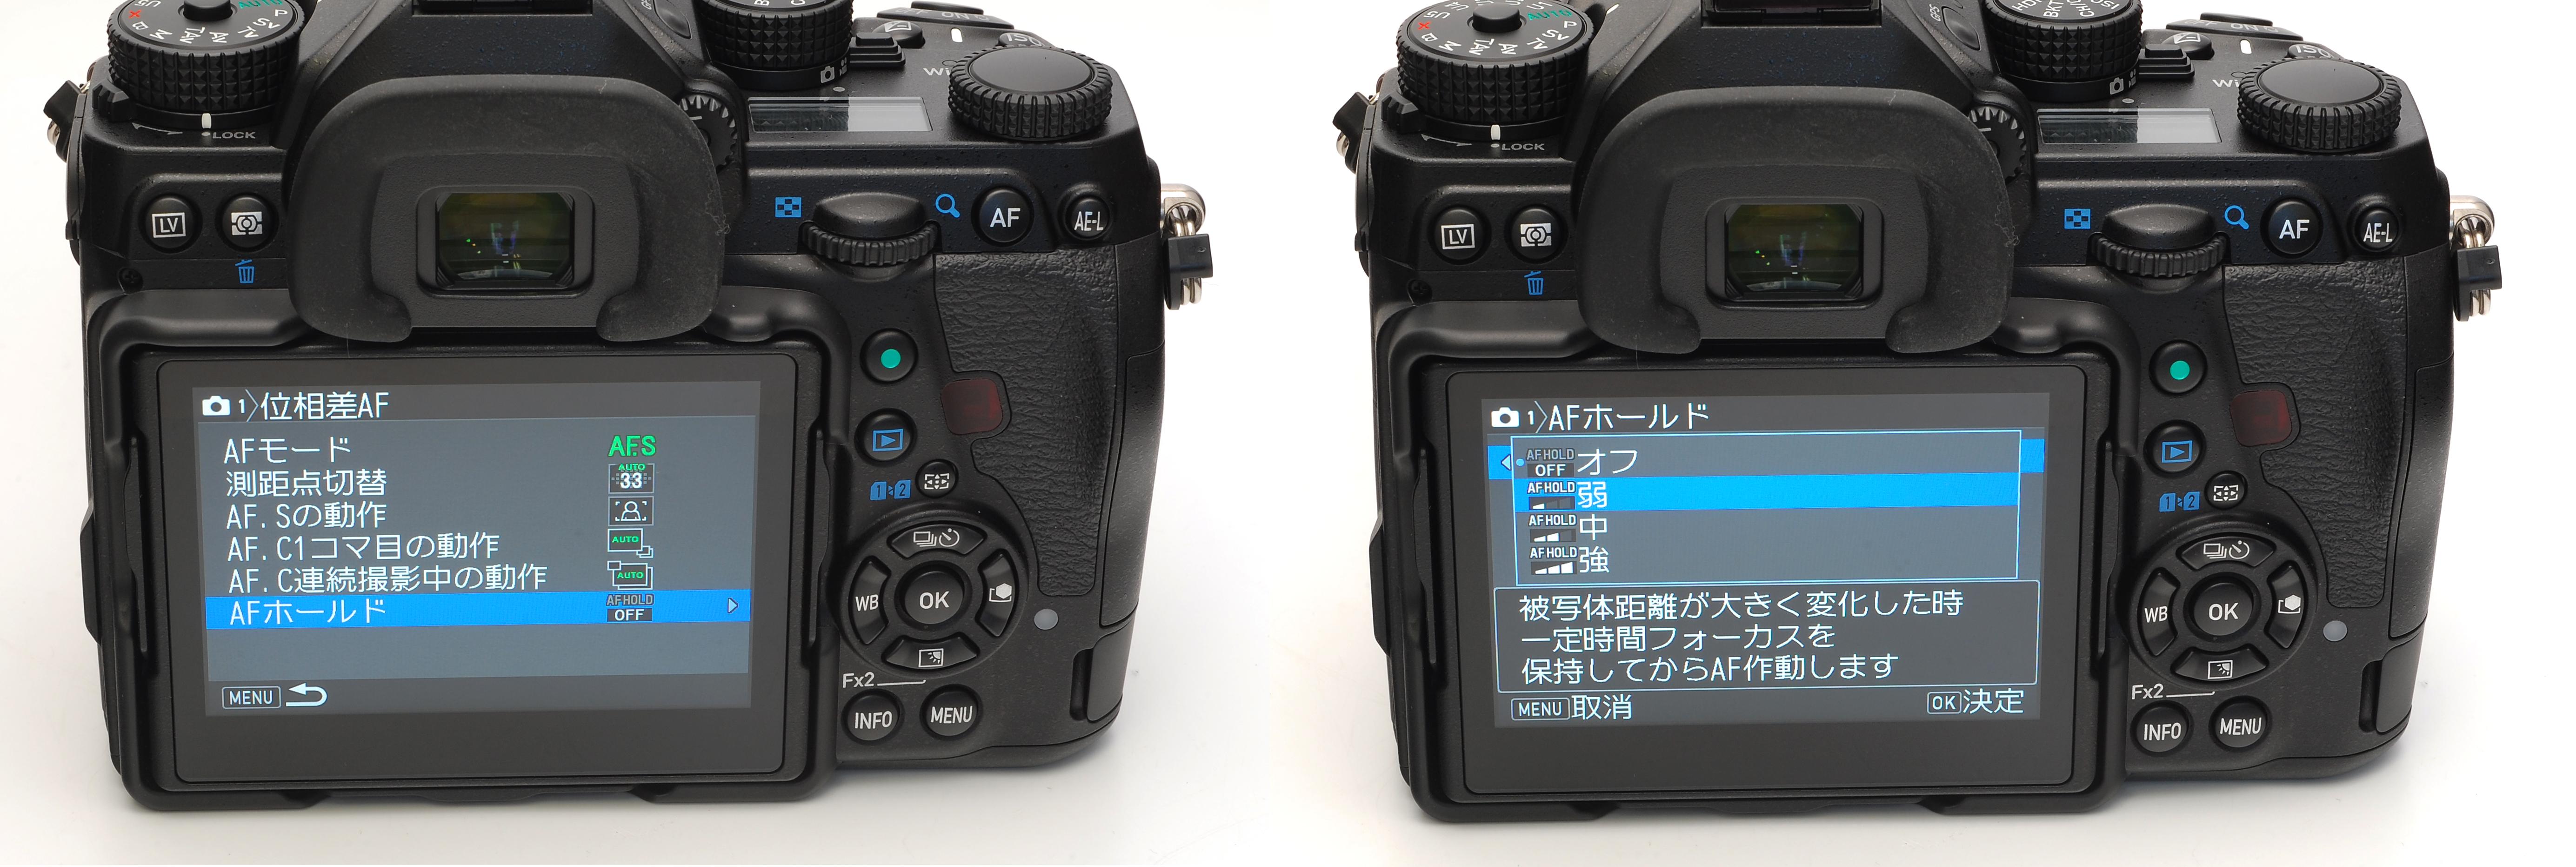 https://www.yaotomi.co.jp/blog/used/PENTAX_K-1_Mark-II-010.JPG